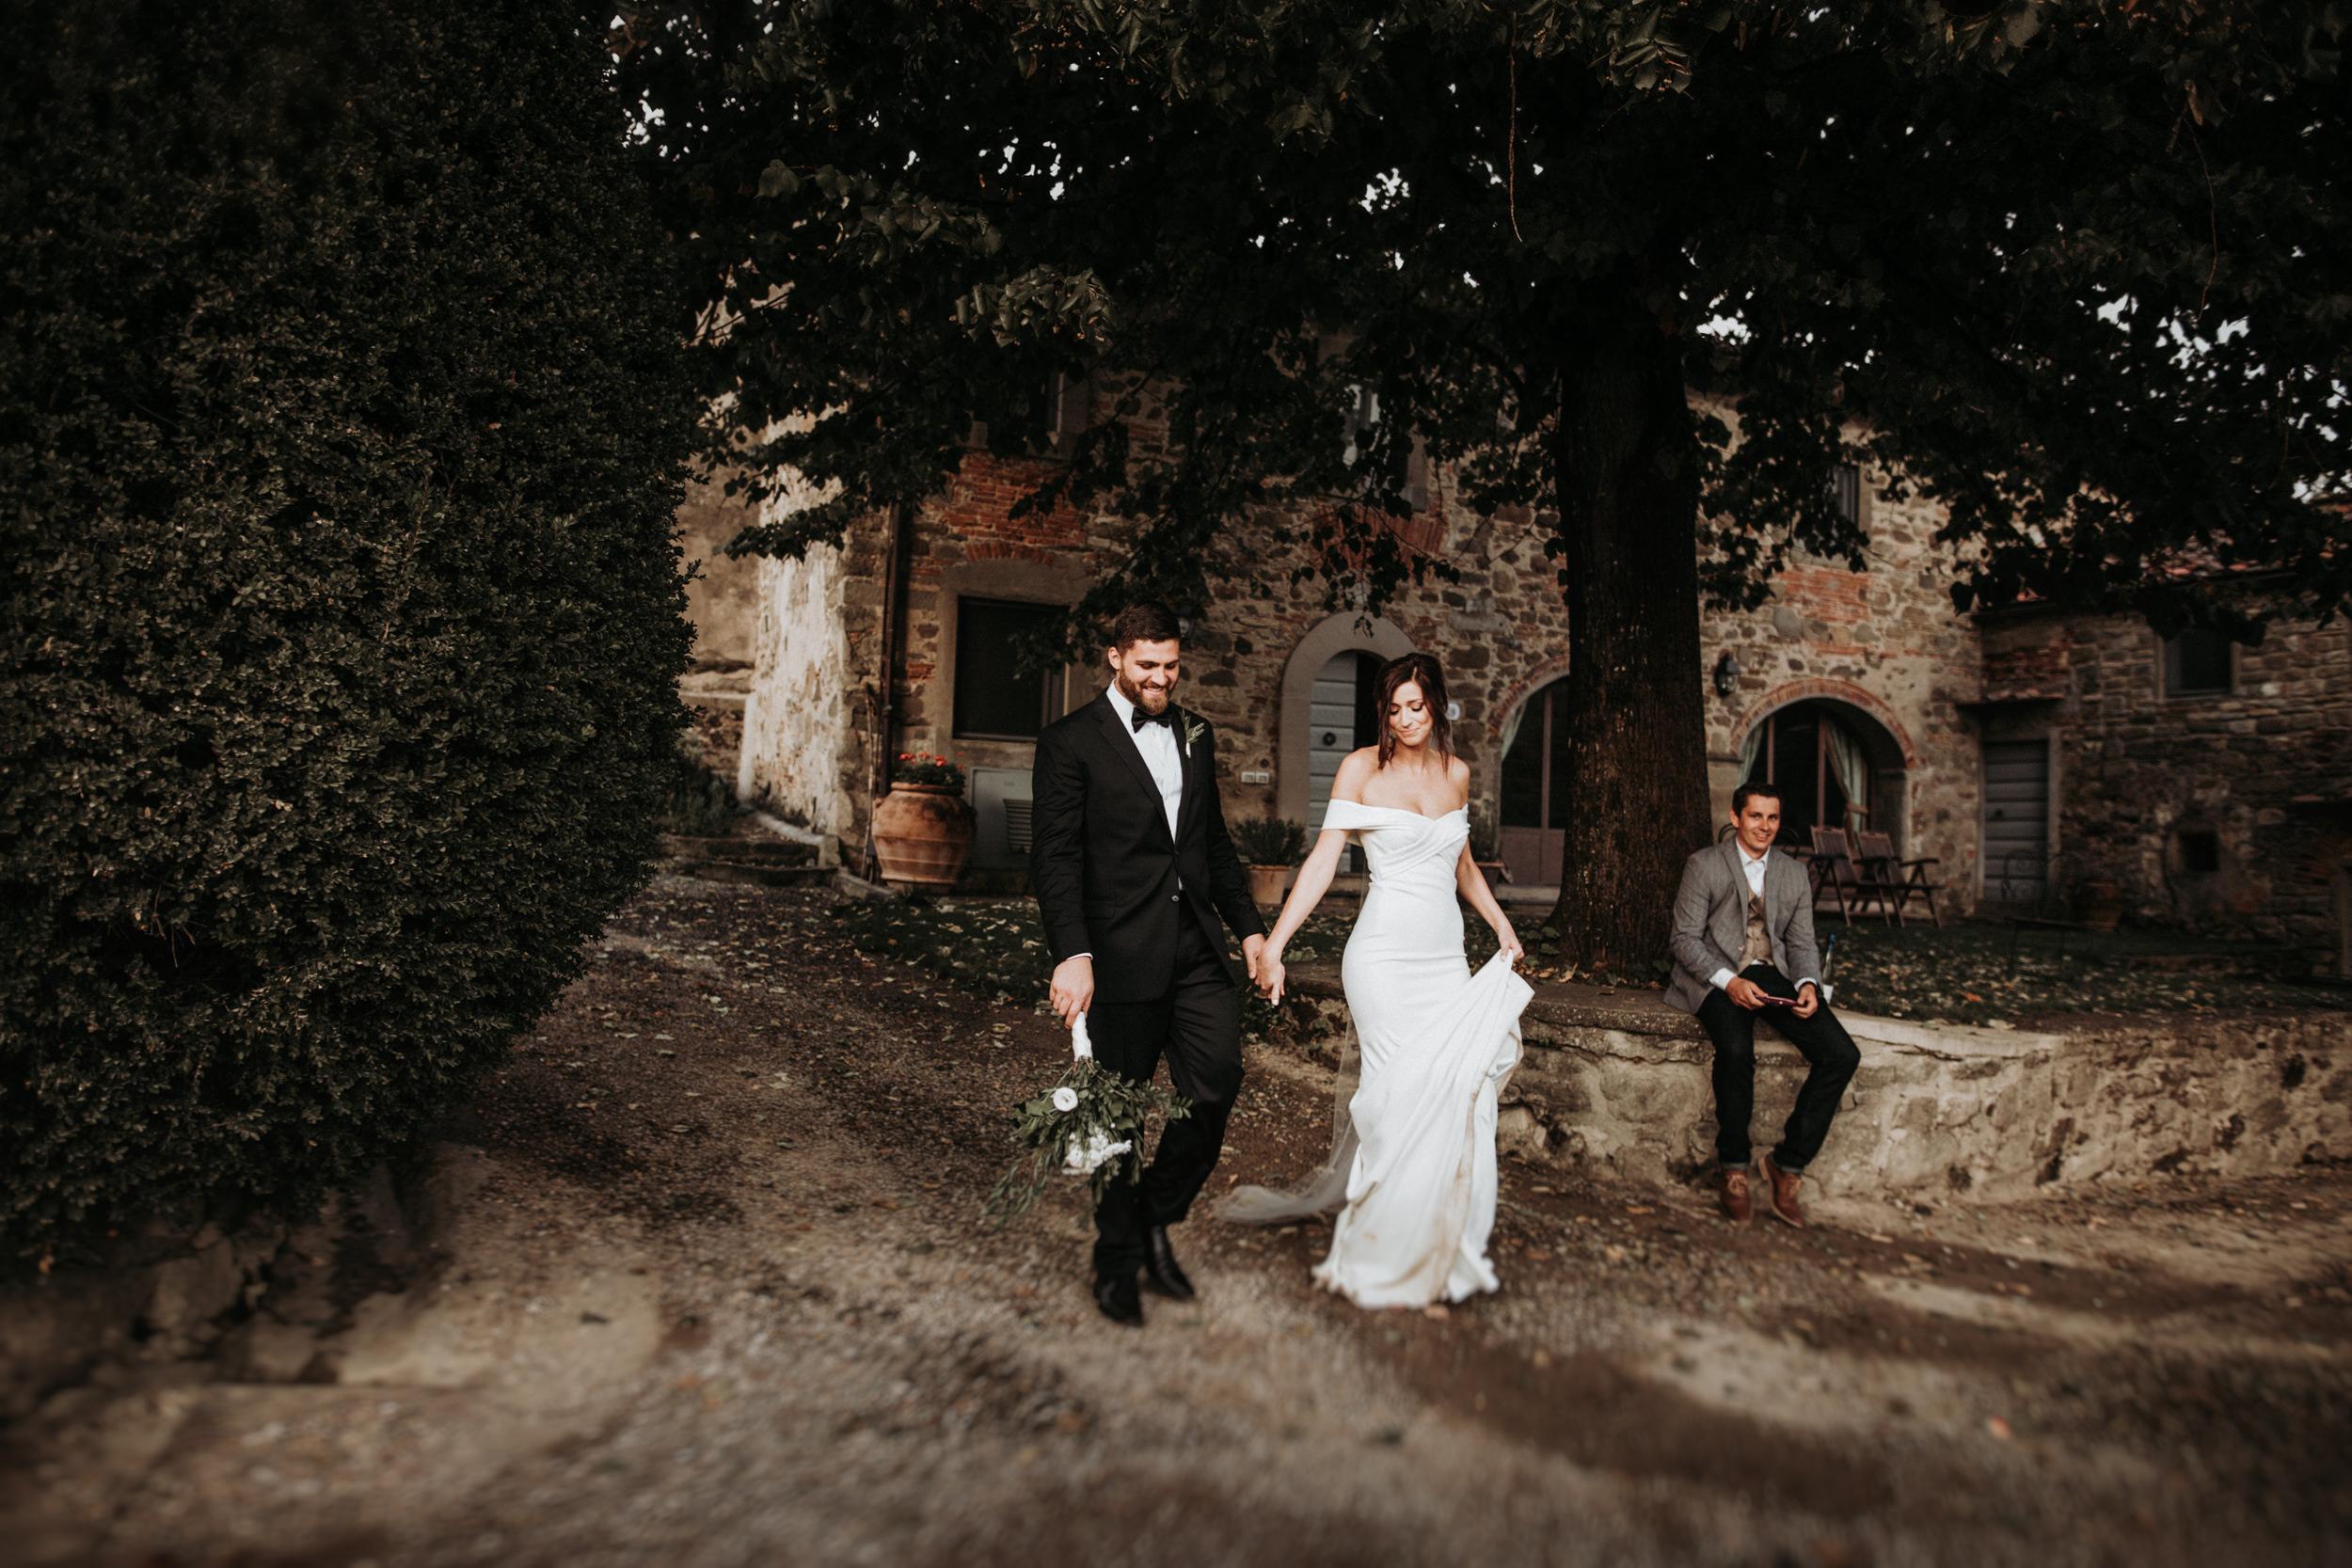 dm_photography_KW_Tuscanyweddingday_349